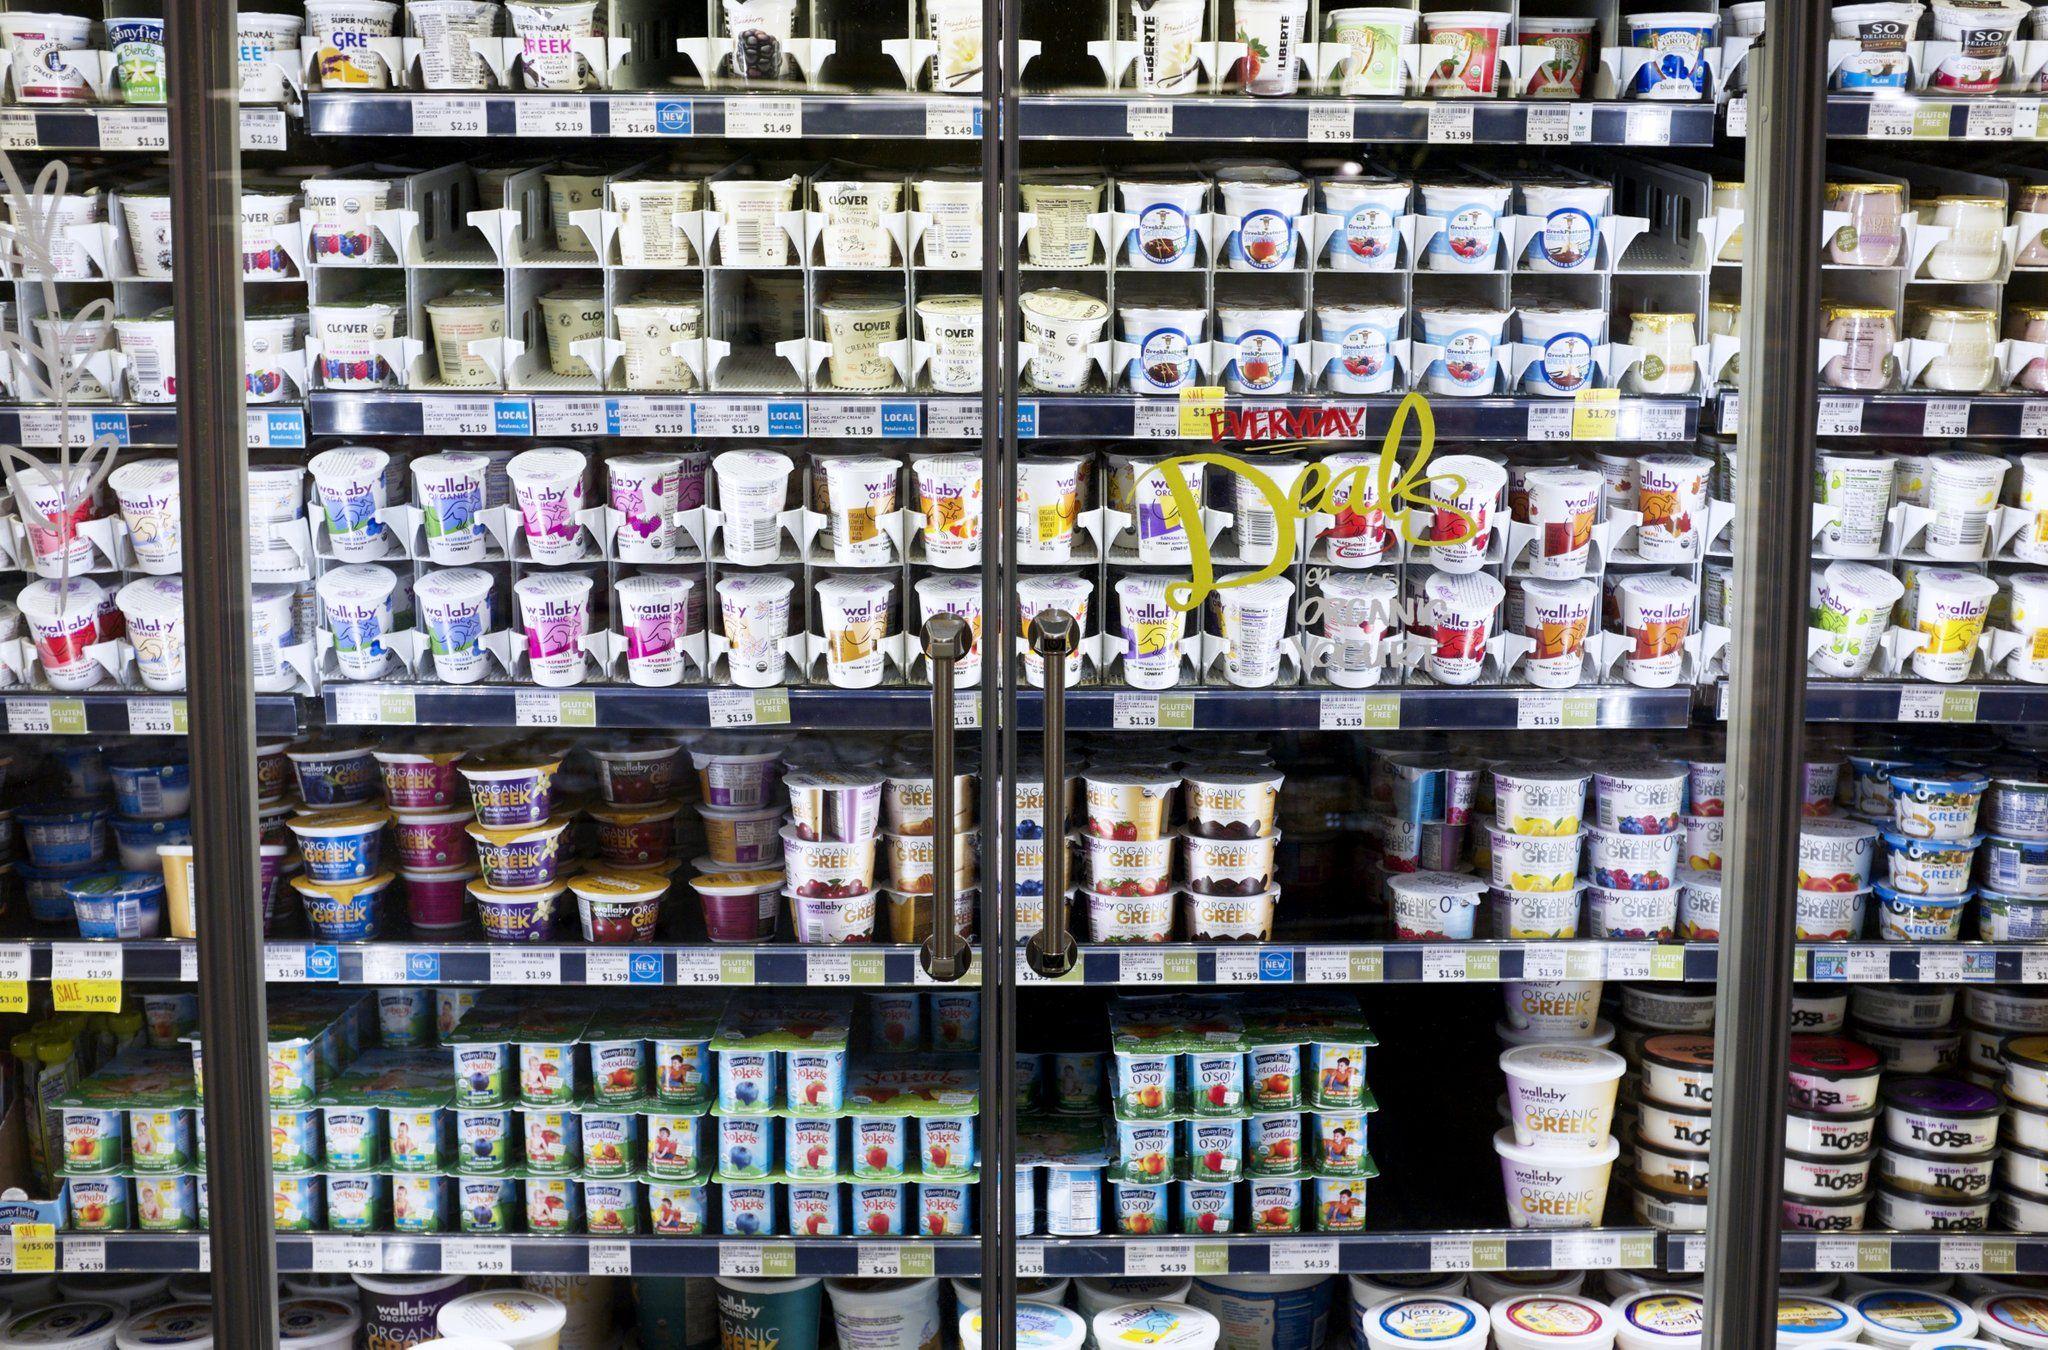 derivado do leite existe em abundância nos mercados americanos